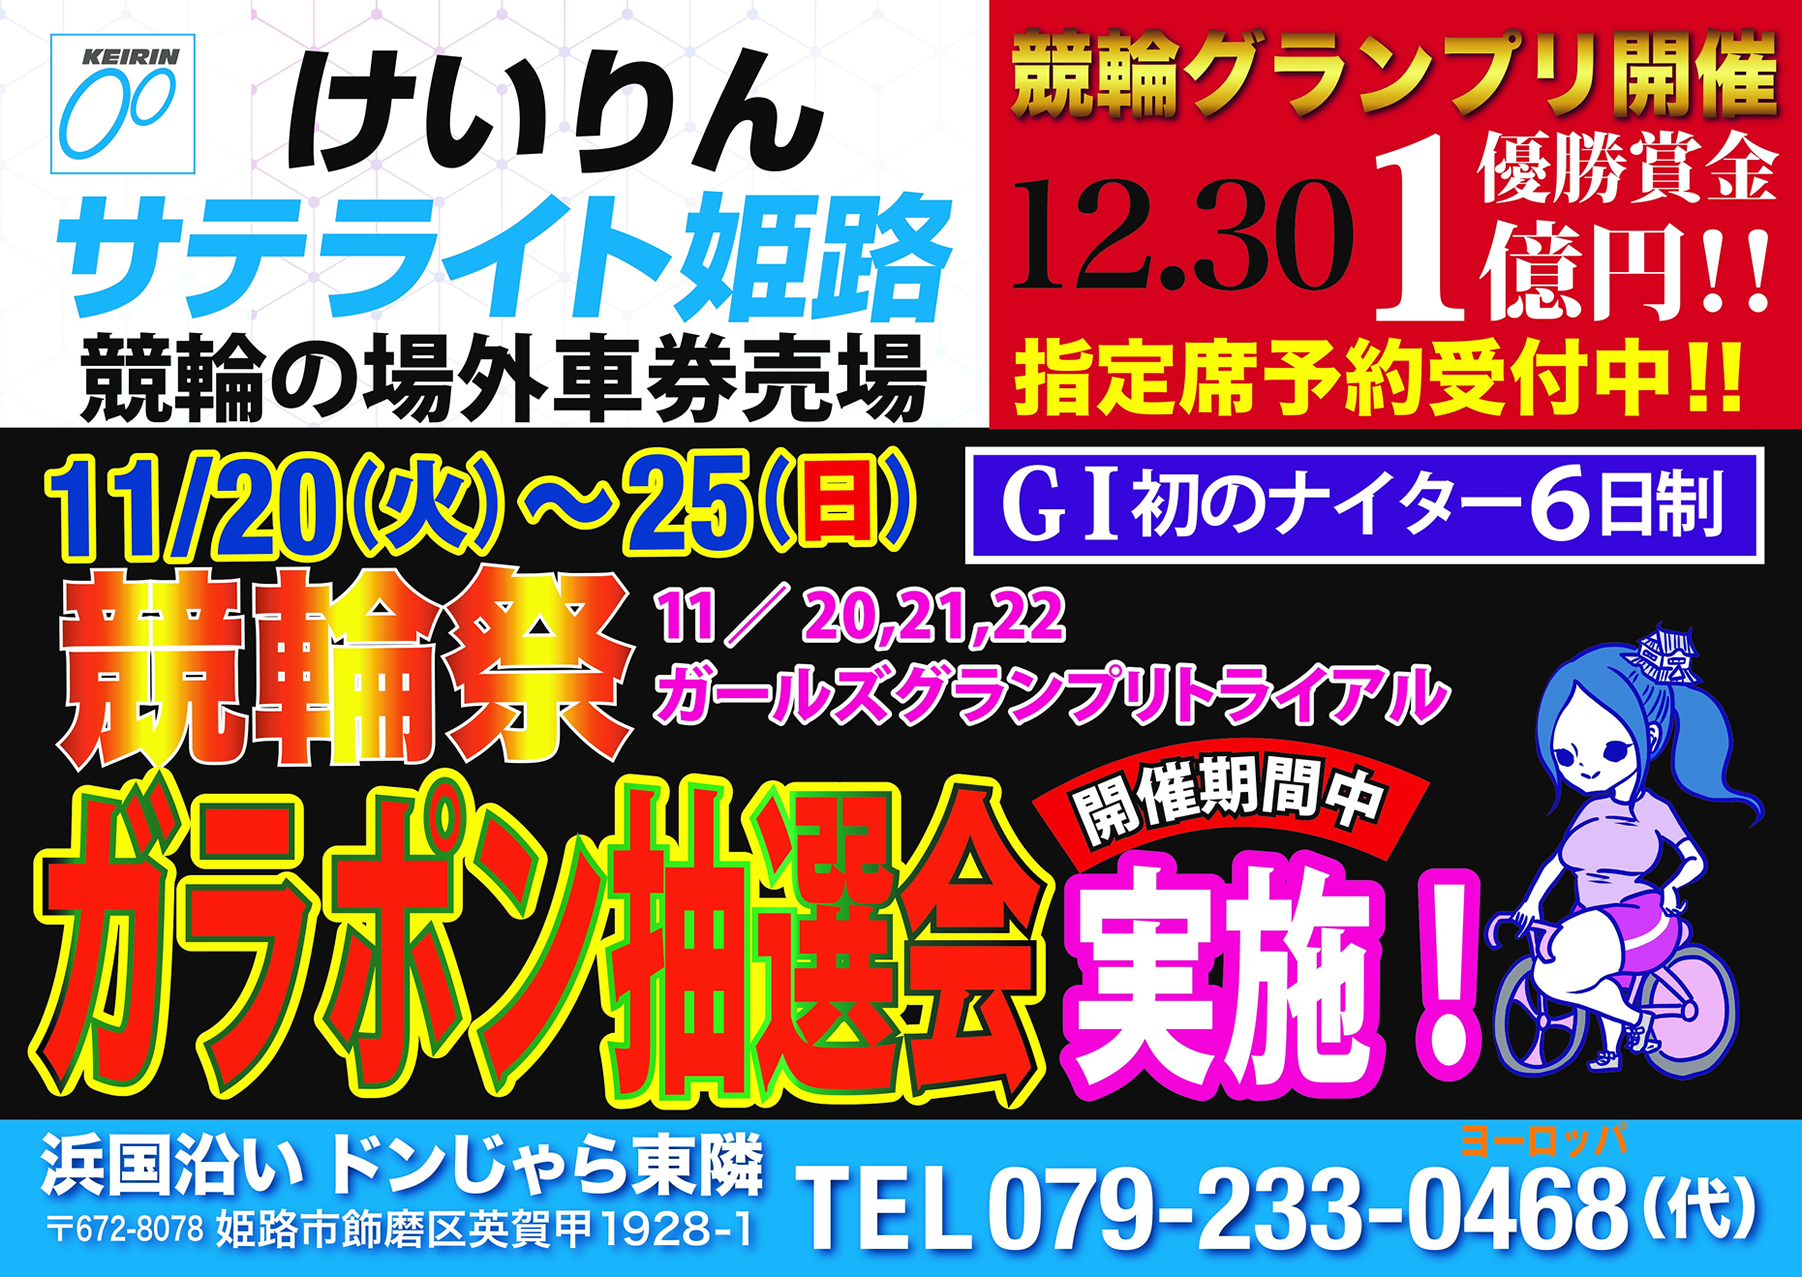 サテライト姫路_イベント情報